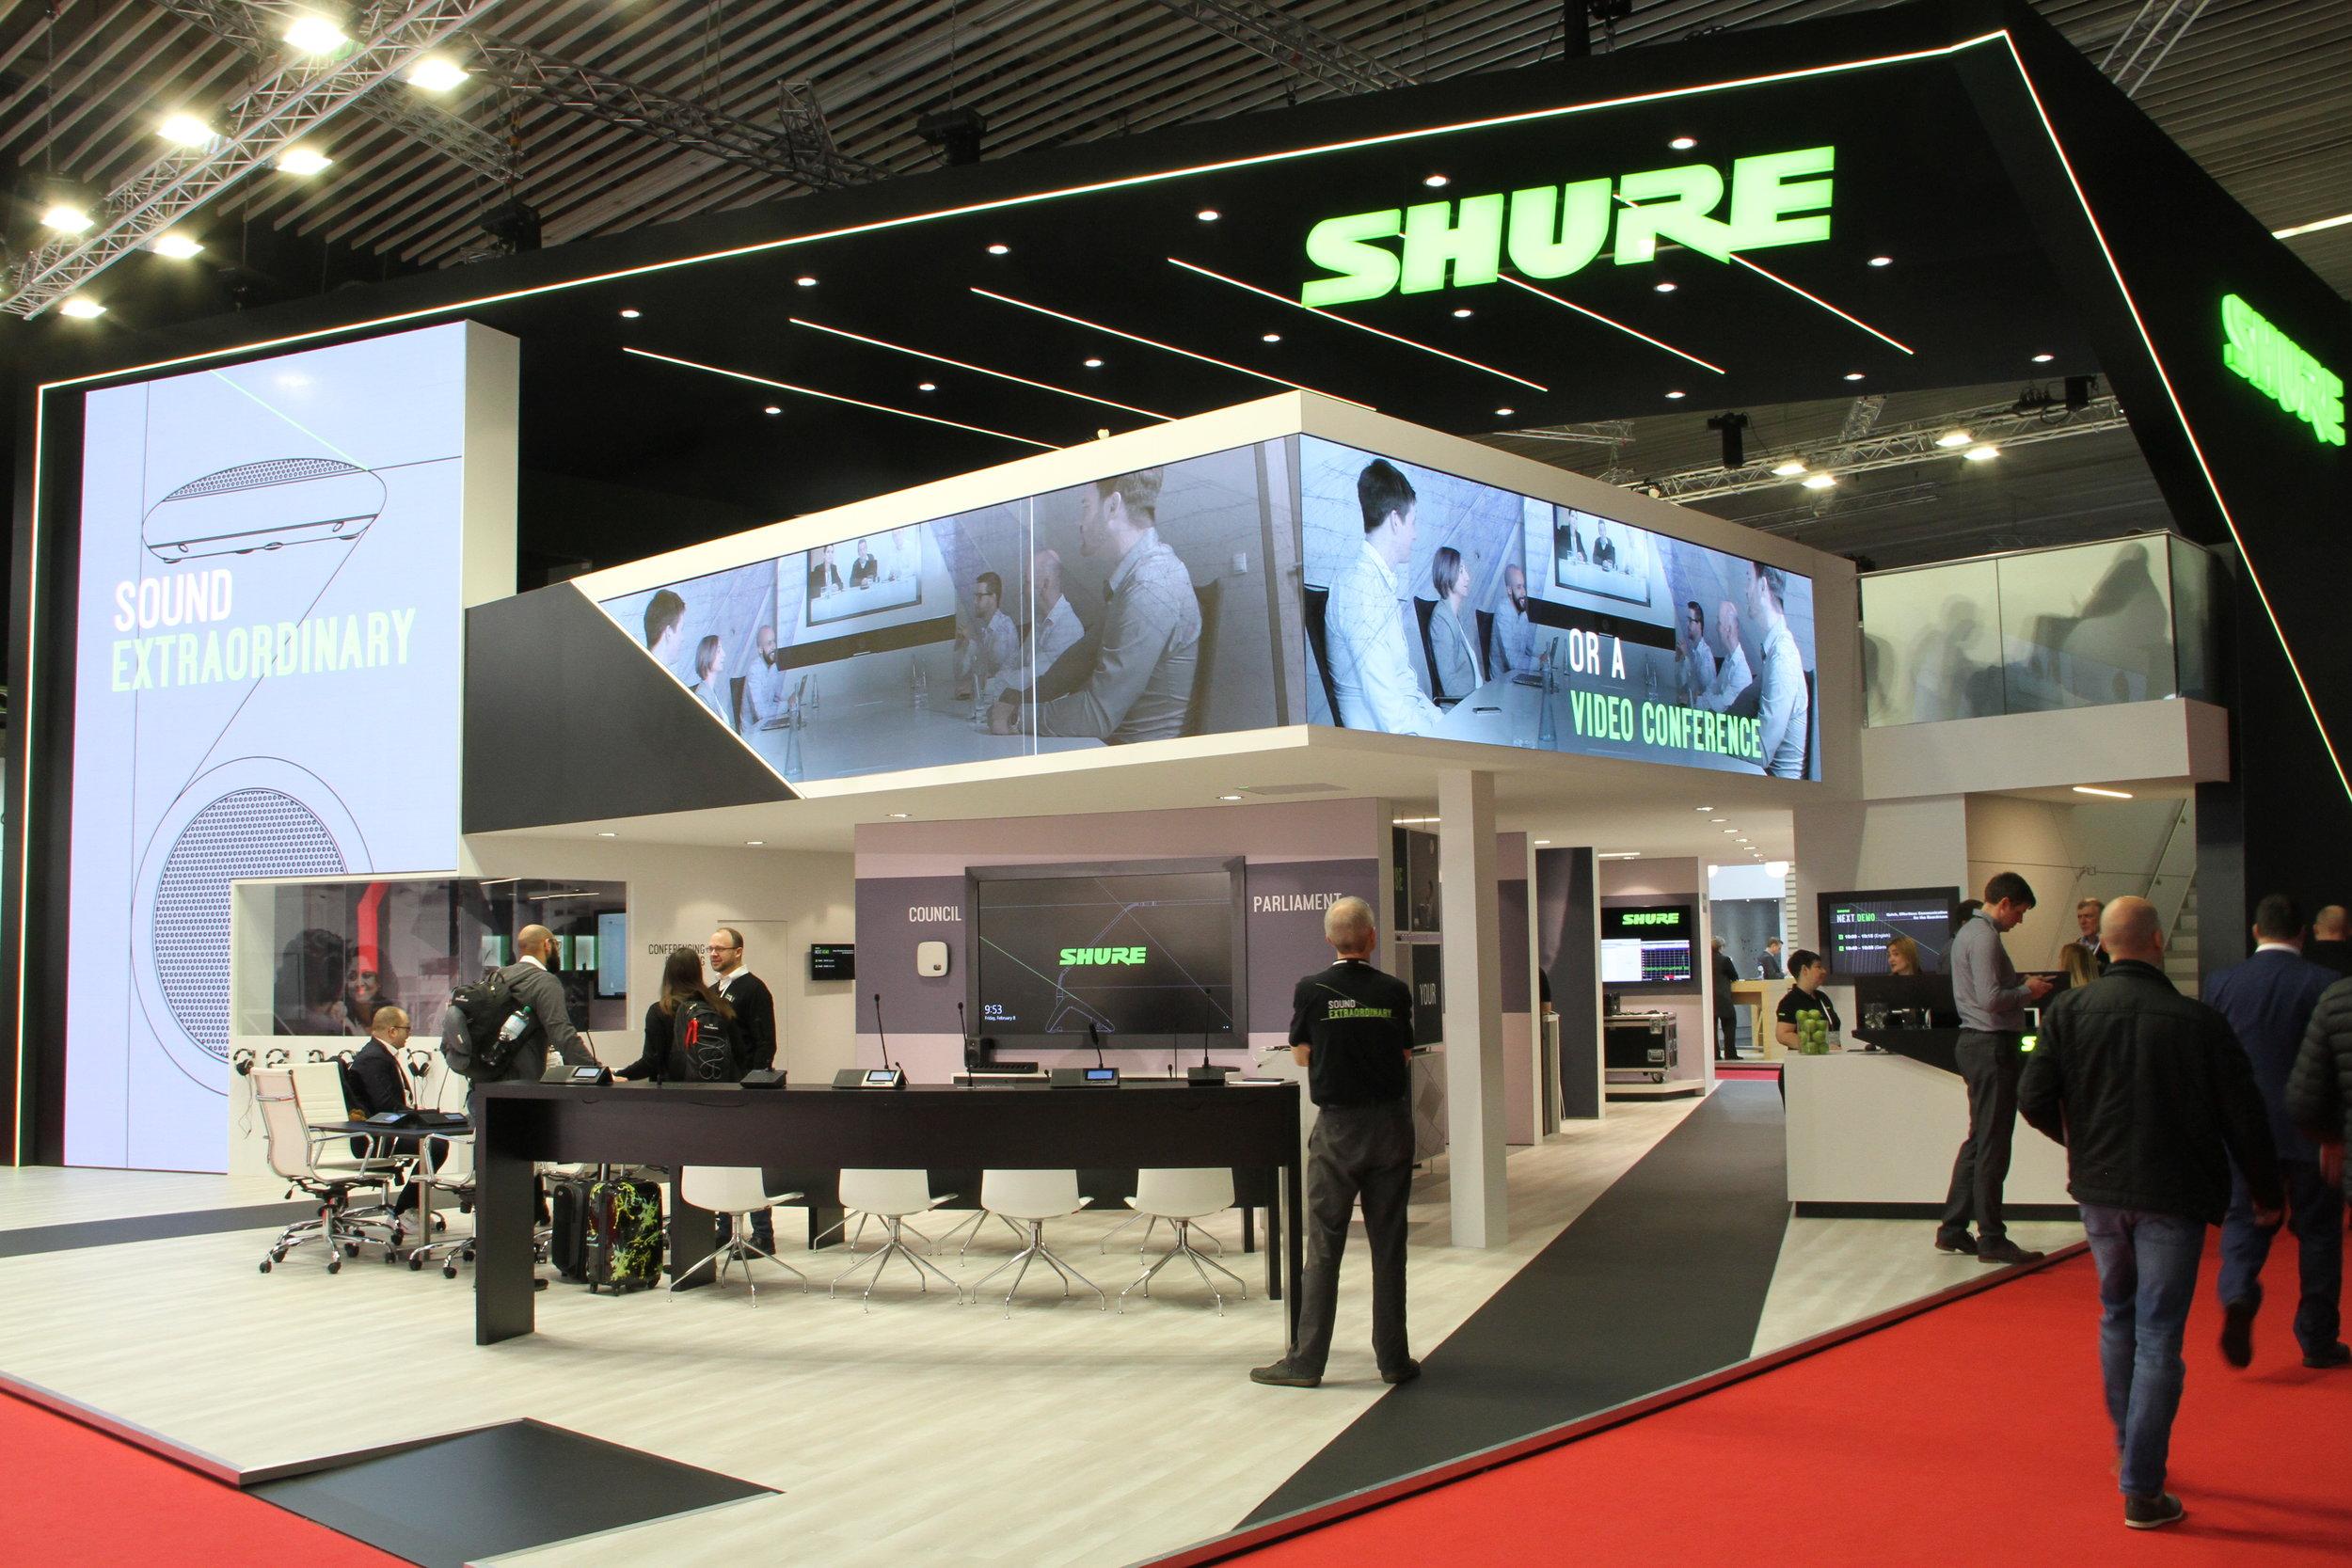 Shure-montern på ISE 2019.